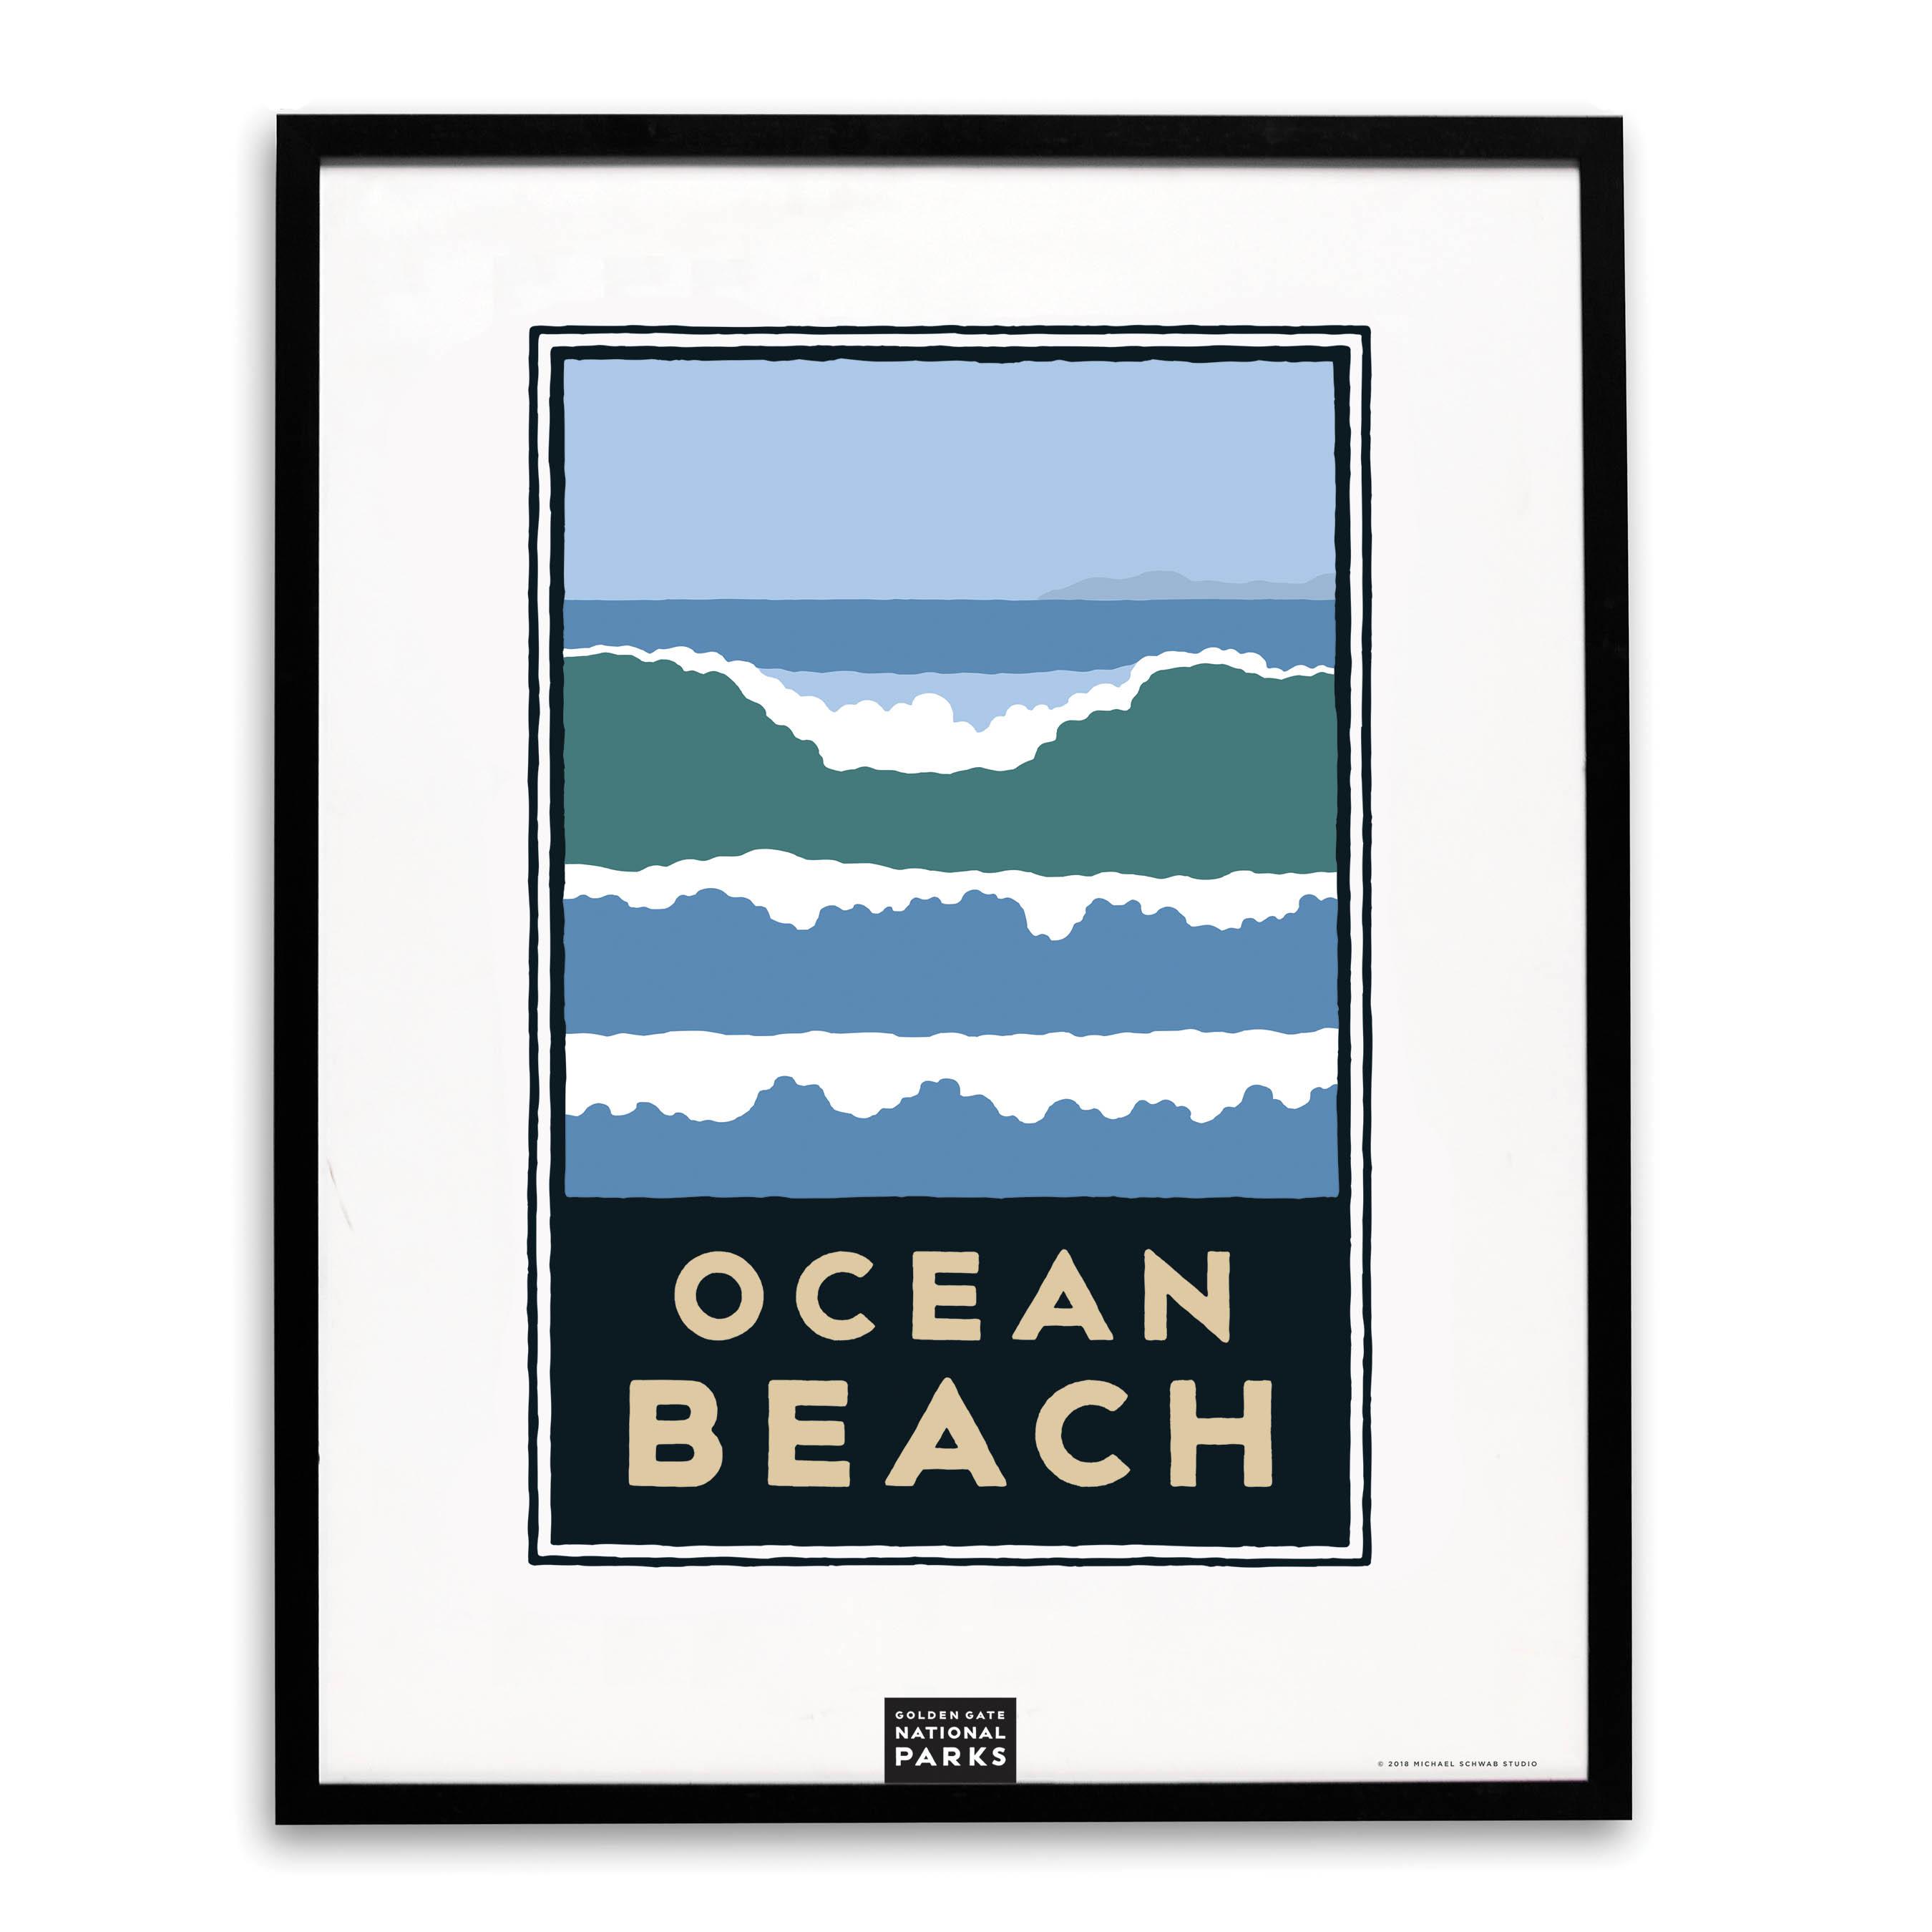 Framed Ocean Beach Poster